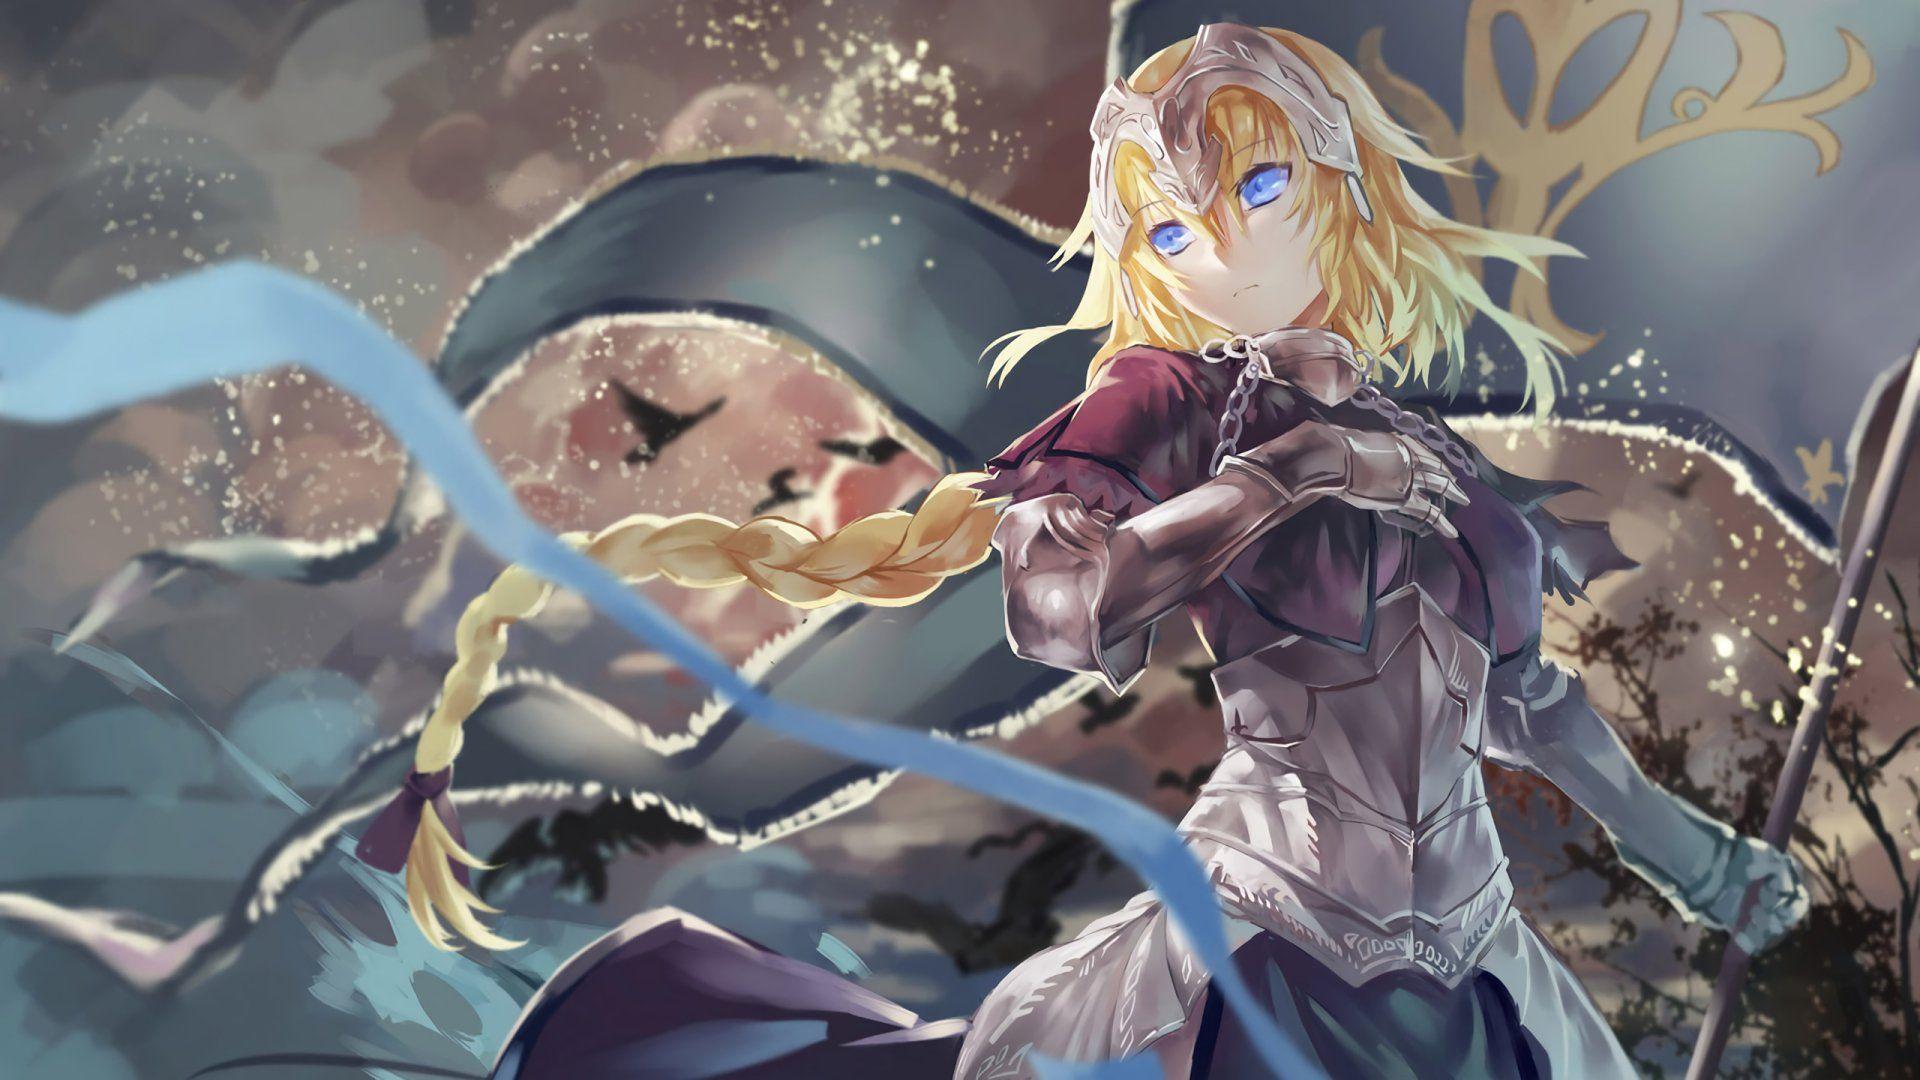 Anime Fate/Grand Order Jeanne d'Arc (Fate Series) Ruler